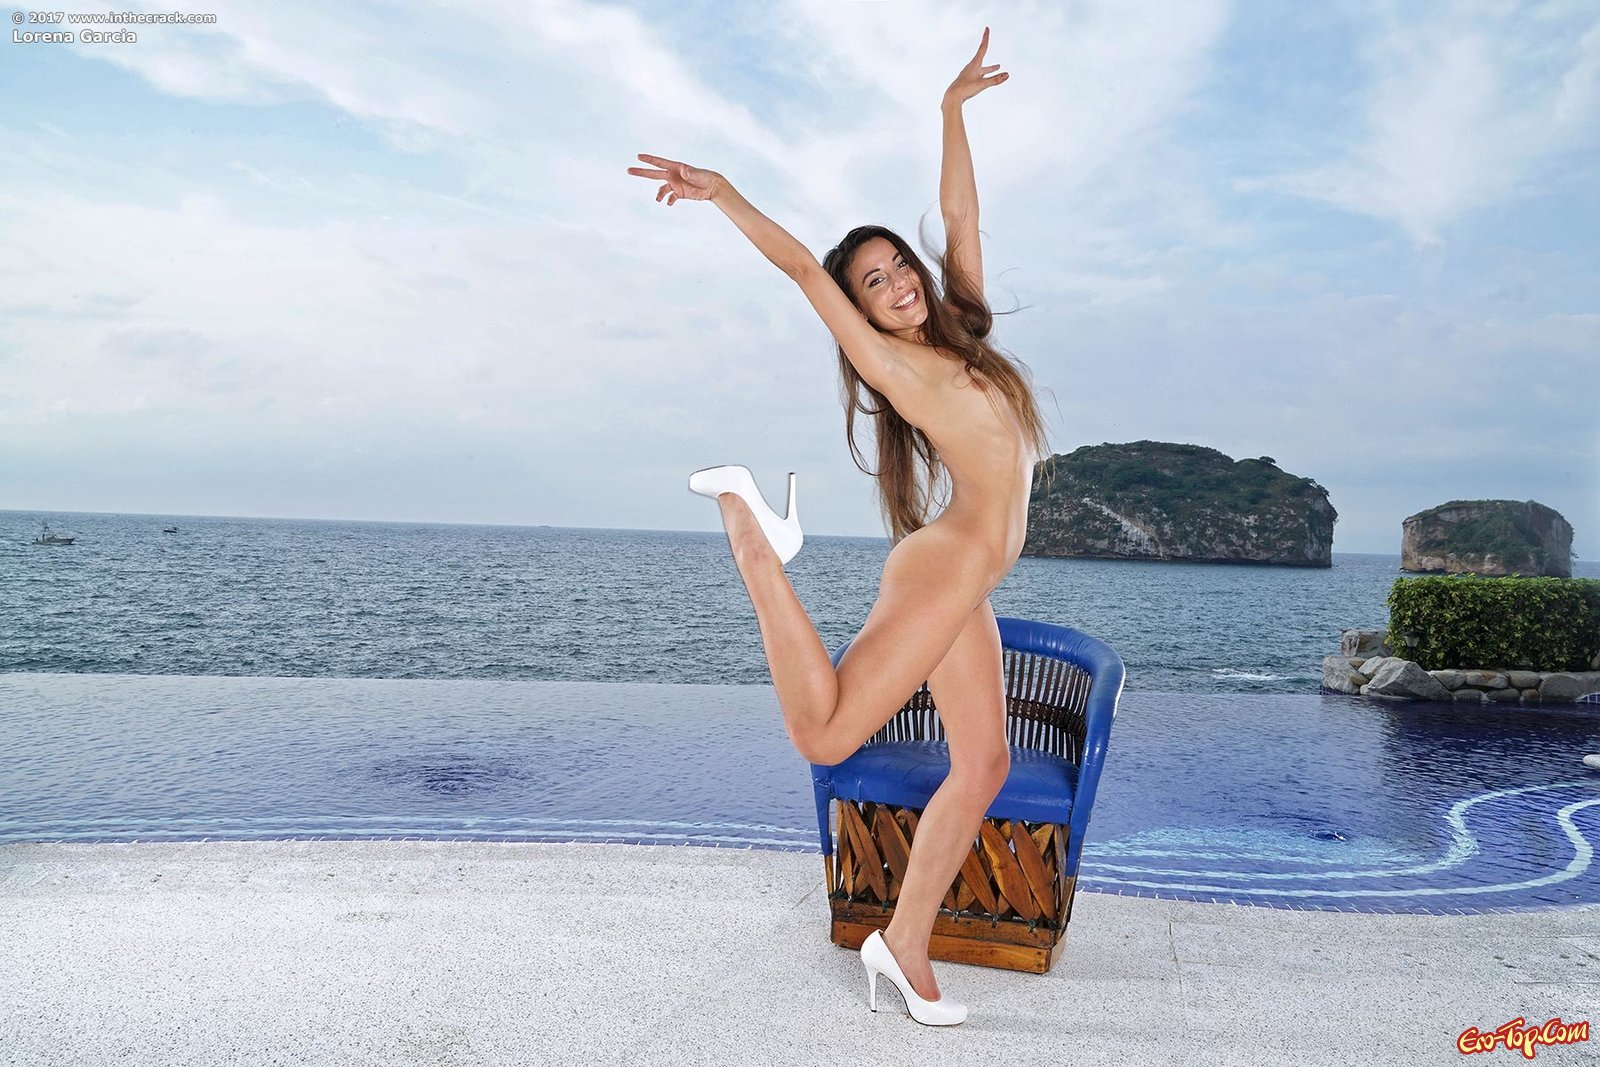 Эффектная девка сняв купальник позирует в бассейне